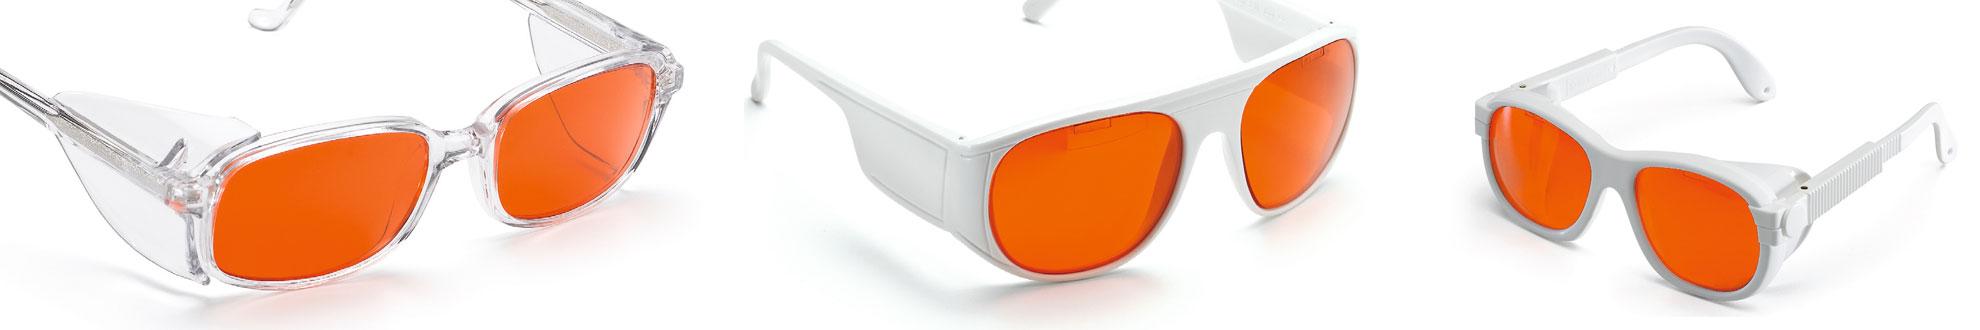 5ad472caf8 UV - Unico Graber AG